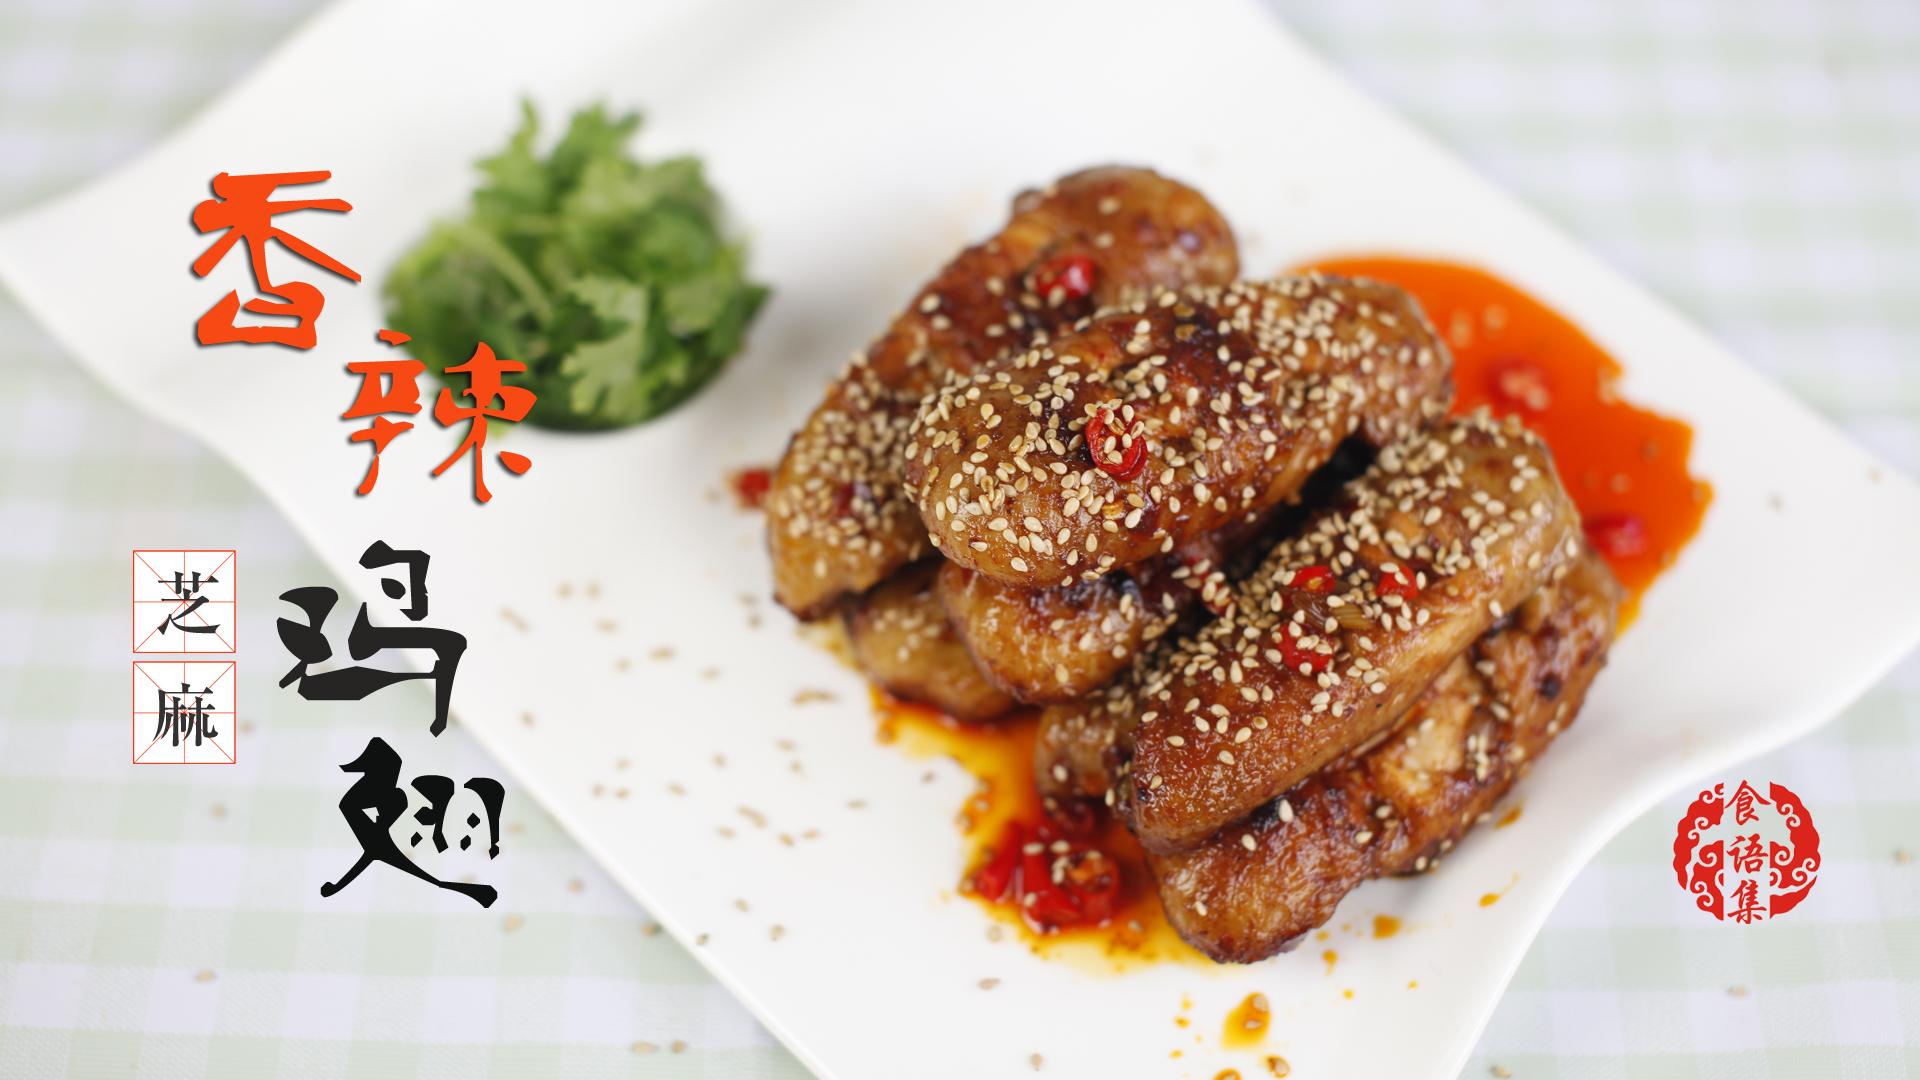 #舌尖上的美食#《食语集》一学就会的美味,给舌尖的惊喜:香辣芝麻鸡翅